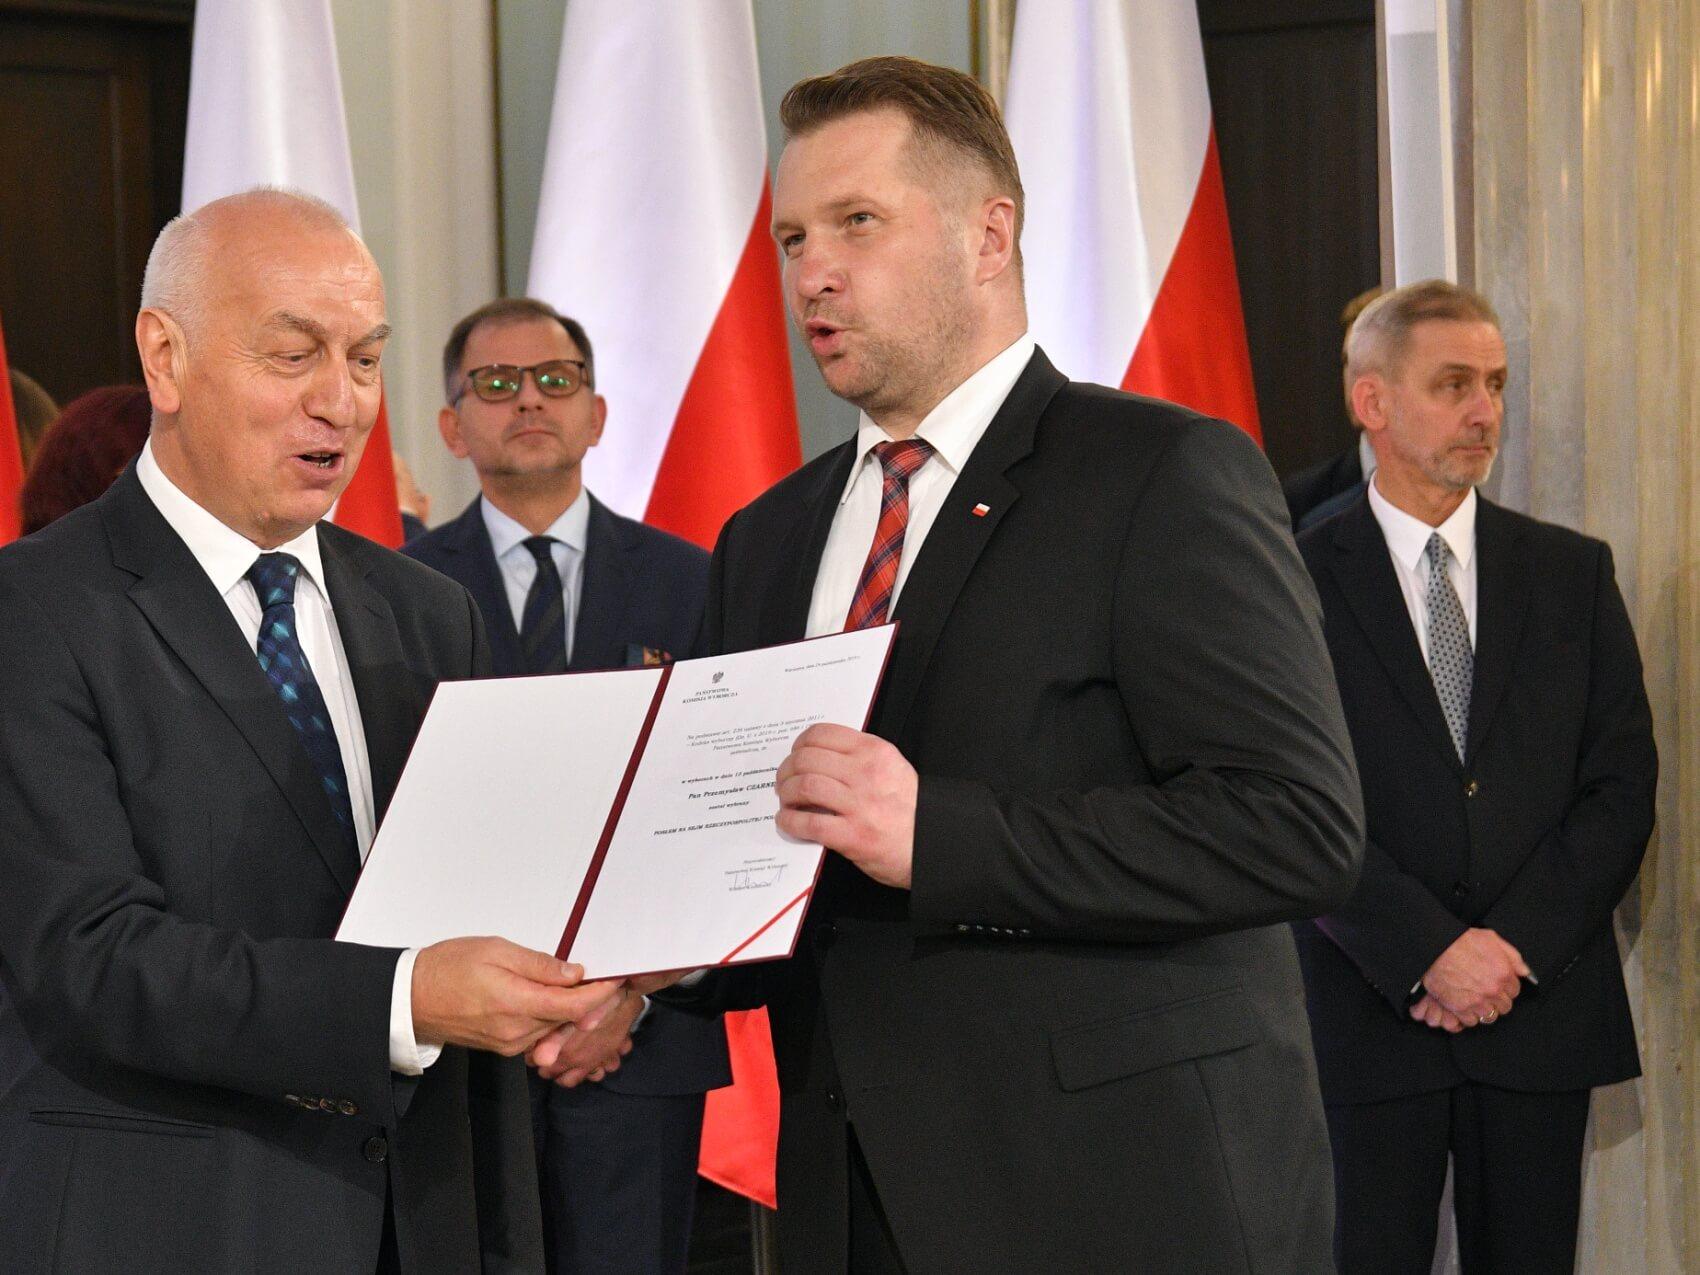 Przemysław Czarnek odbiera w zaświadczenie o wyborze na posła IX kadencji